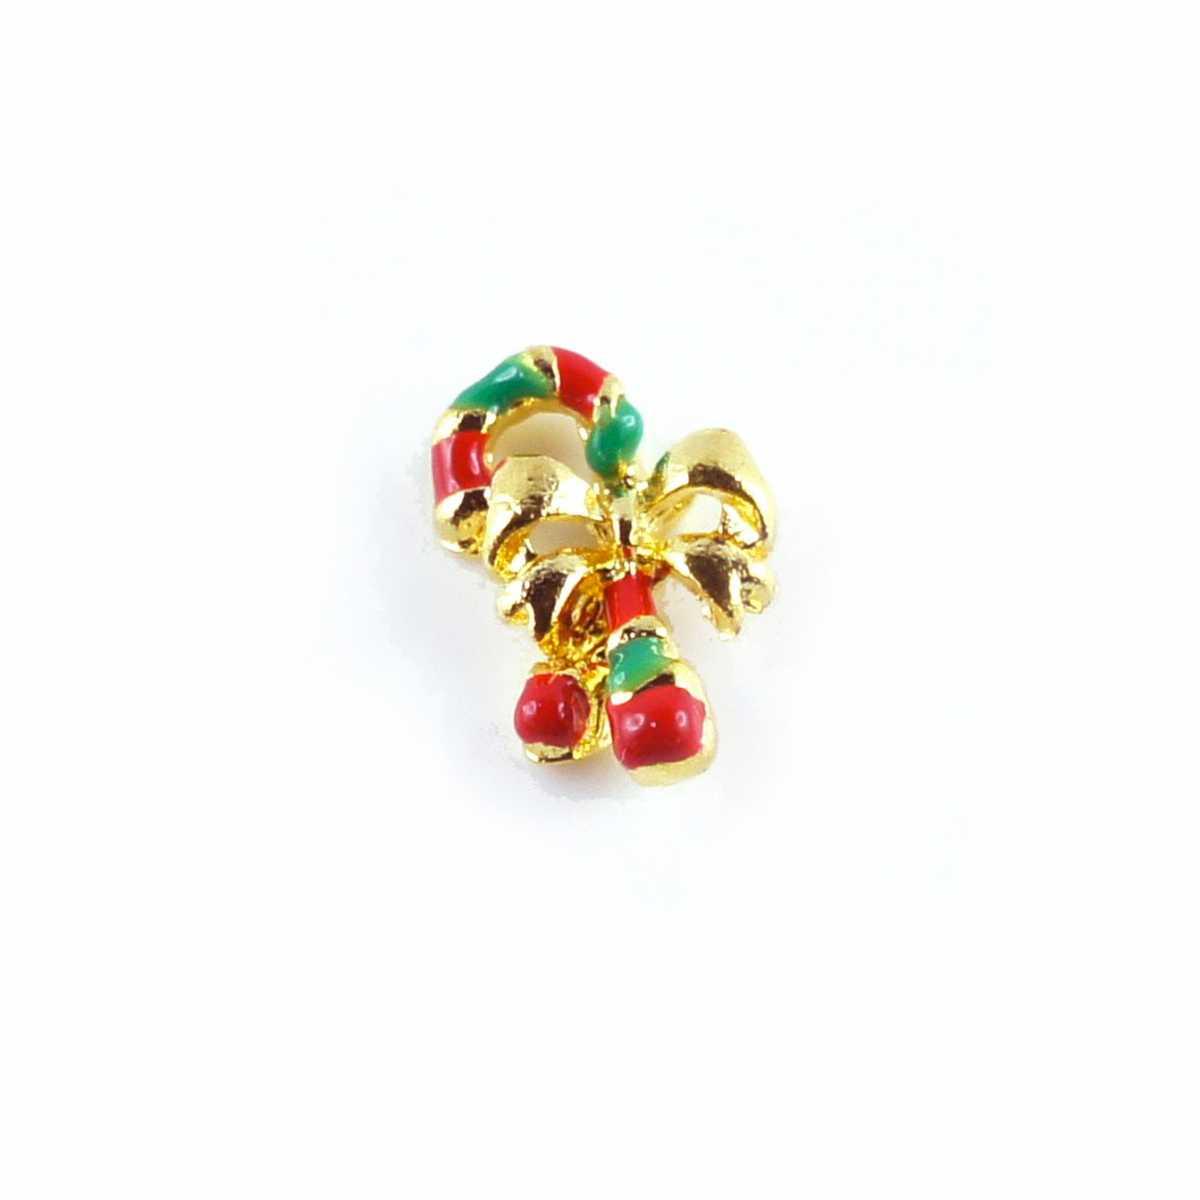 https://www.kit-manucure.com/1511-thickbox_default/bijoux-pour-ongles-couronne-de-noël-dorée.jpg